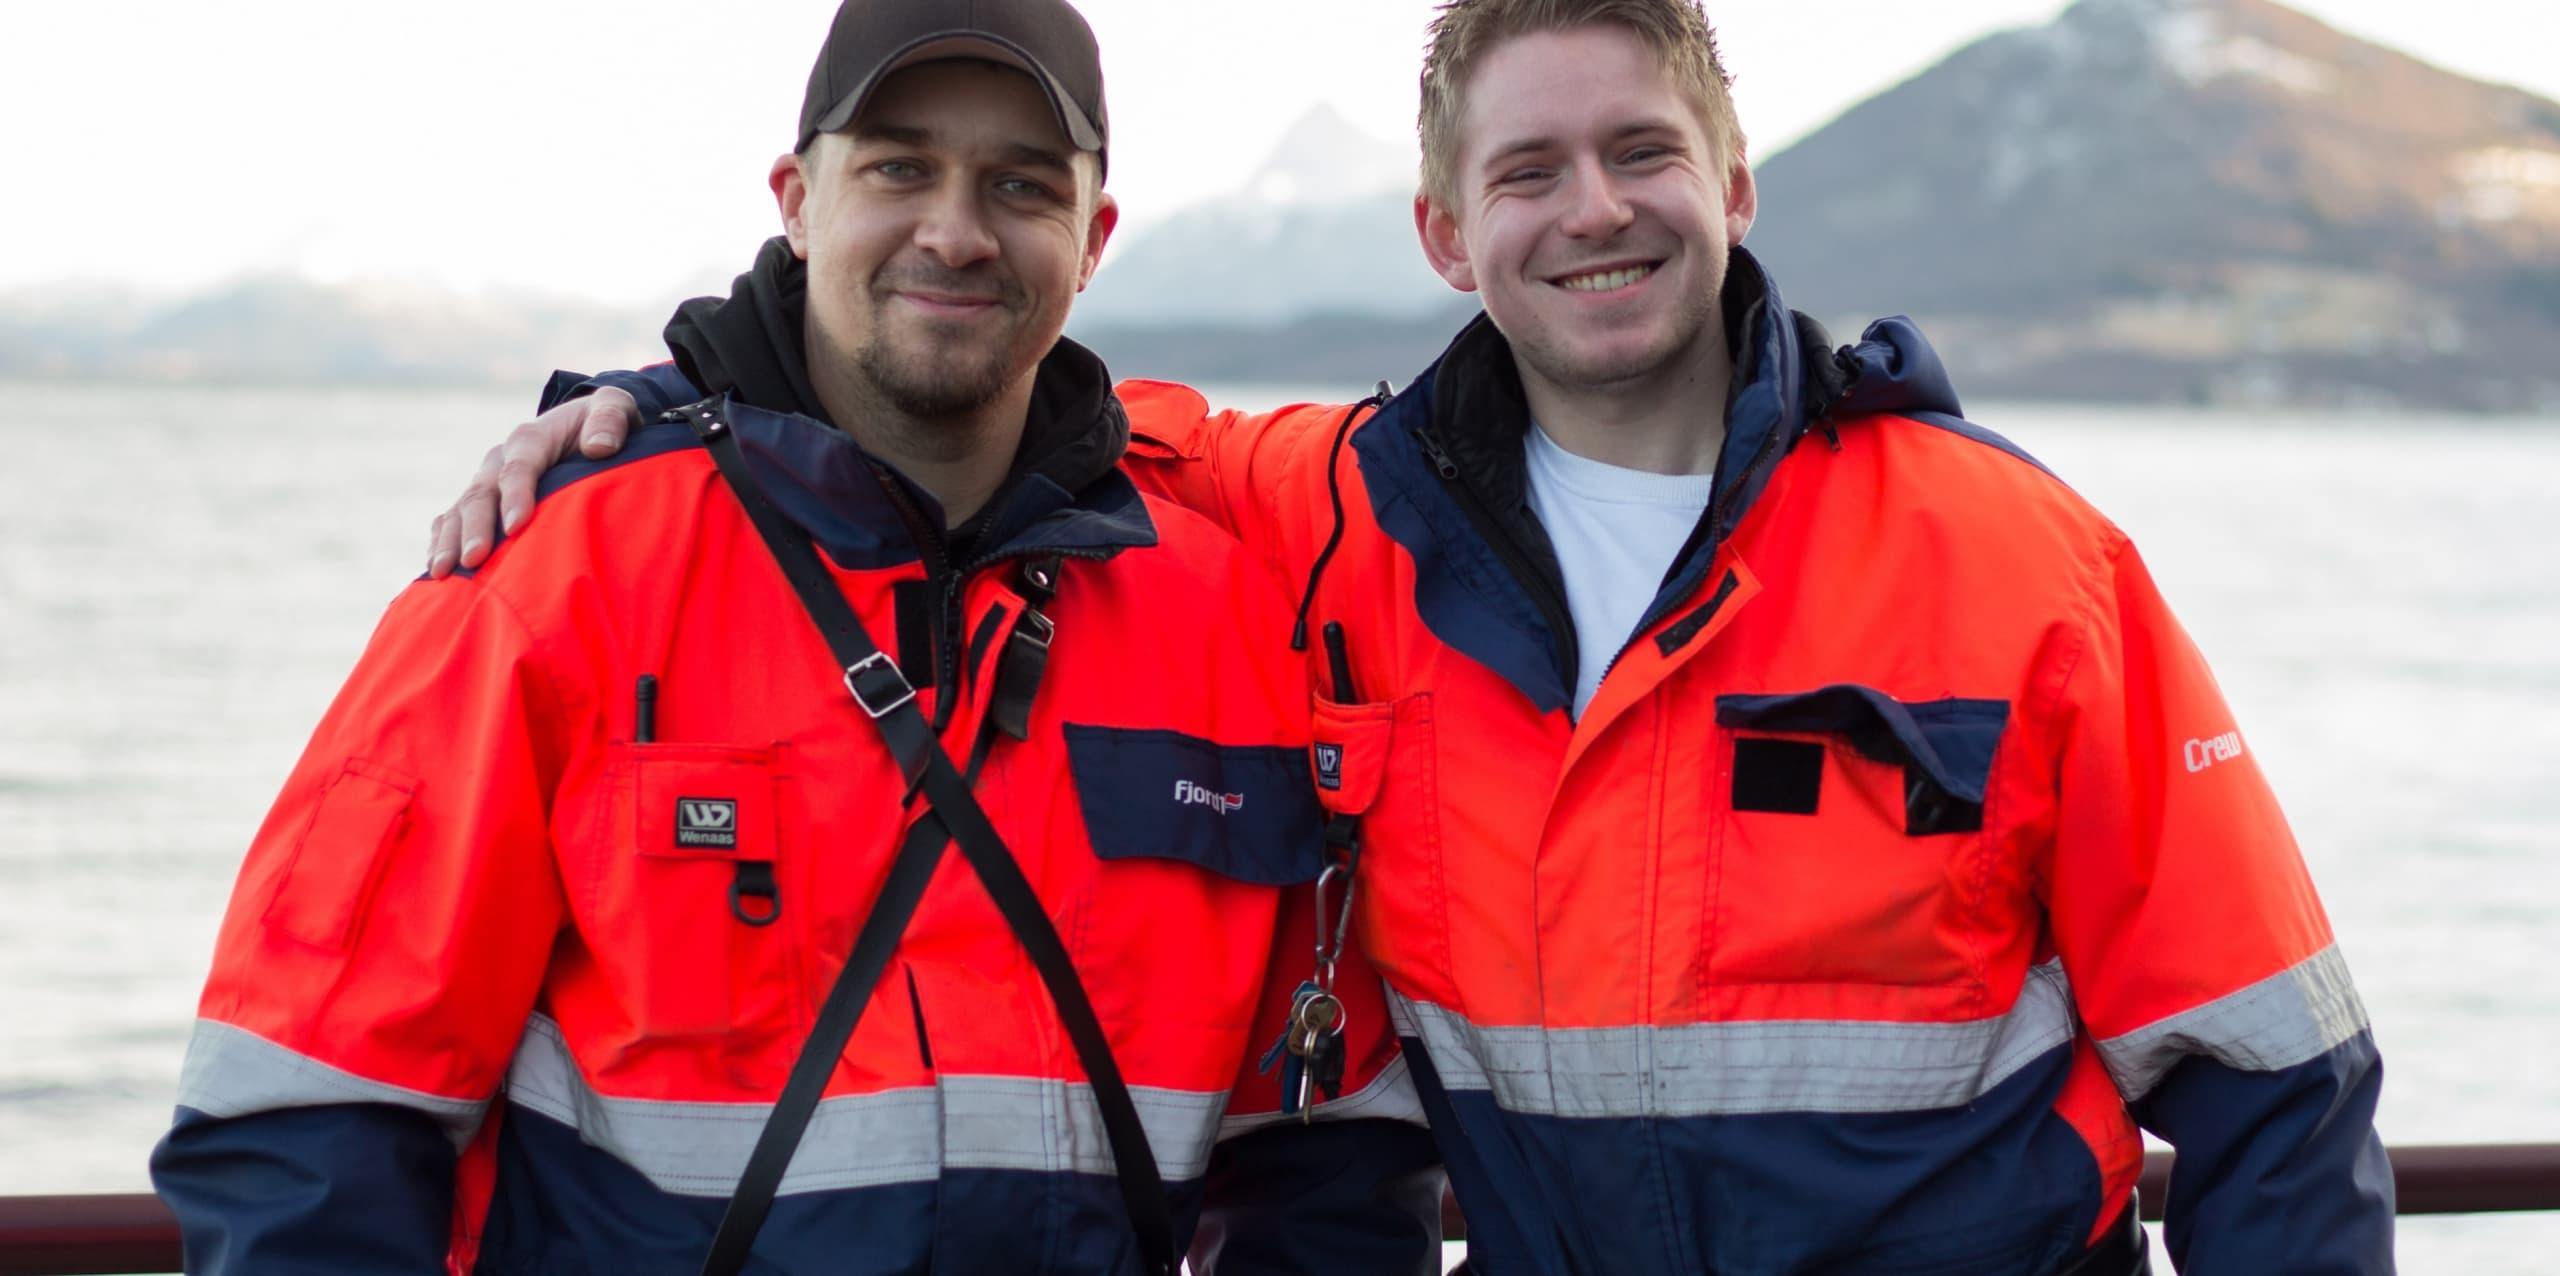 Søk læreplass i Fjord1